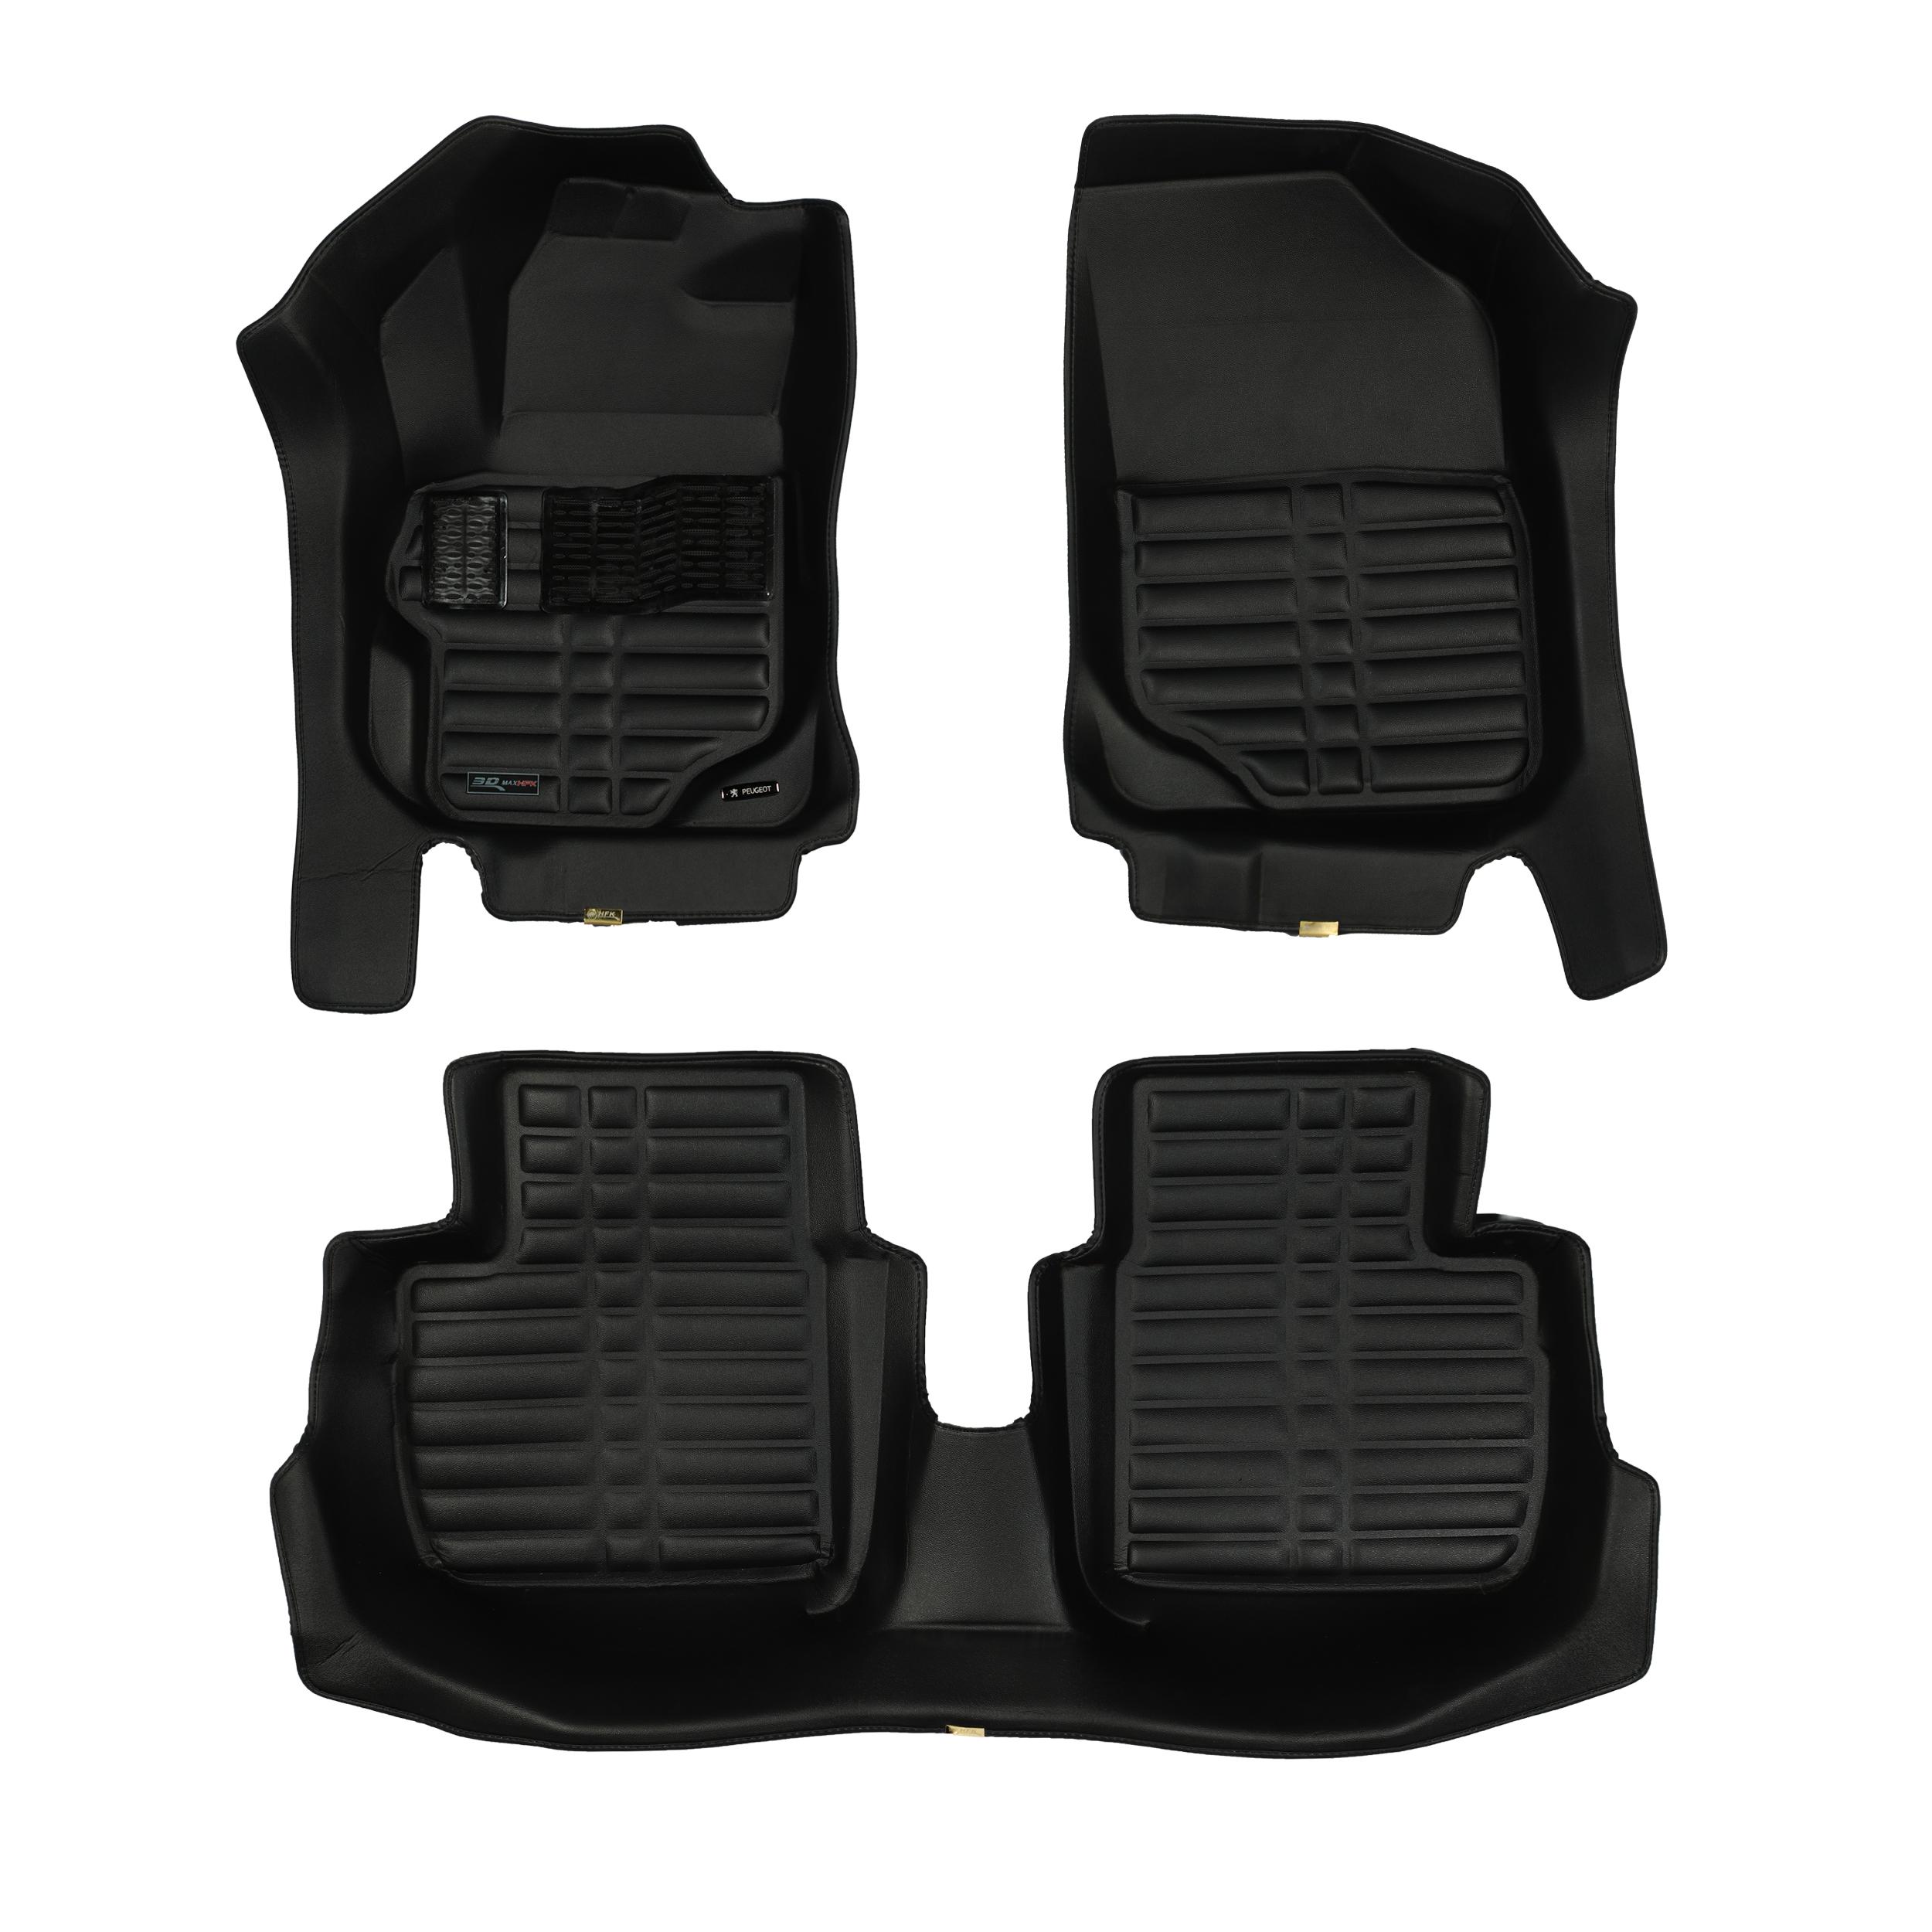 کفپوش سه بعدی خودرو تری دی مکس اچ اف کی مدل HS110149 مناسب برای پژو 301